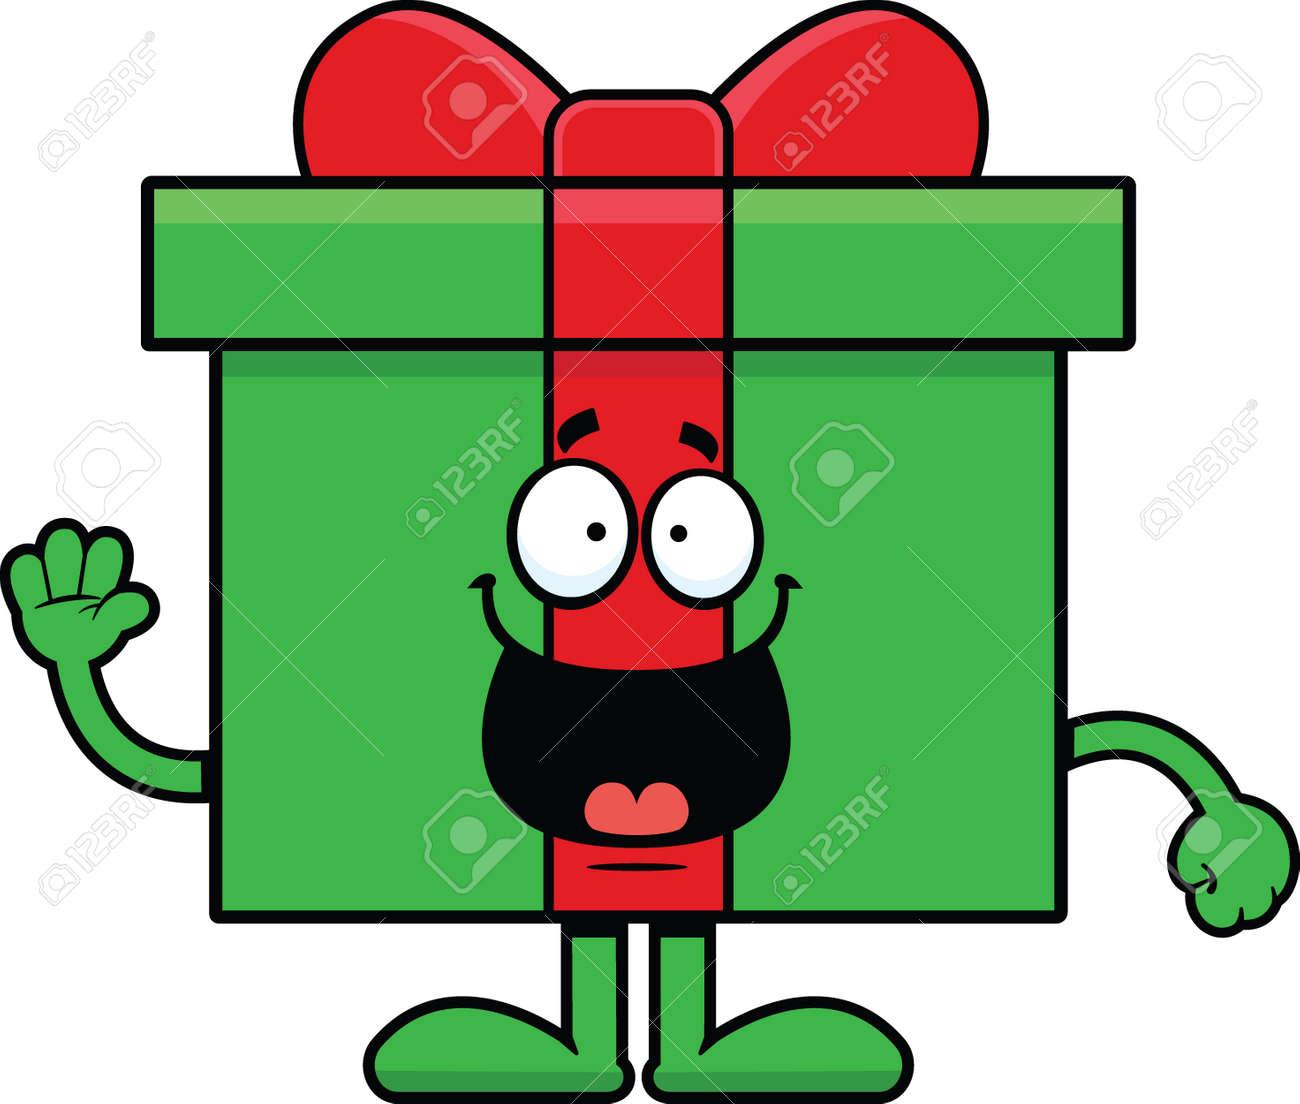 Dibujos De Navidad Regalos.Ilustracion De Dibujos Animados De Un Regalo De Navidad Con Una Expresion Feliz